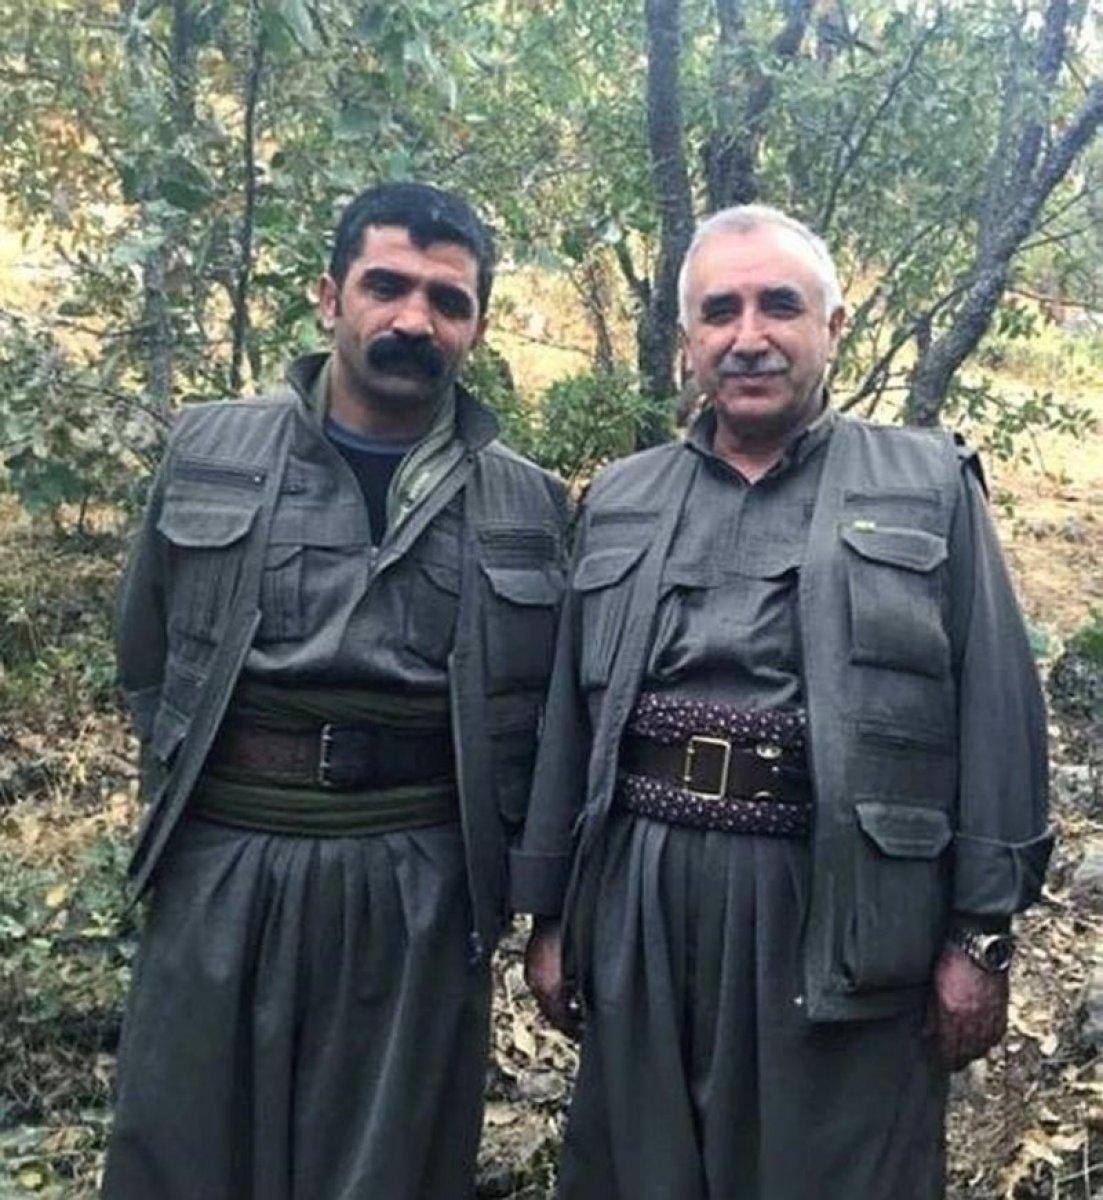 Terörist Mazlum Tekdağ öldürüldü #2